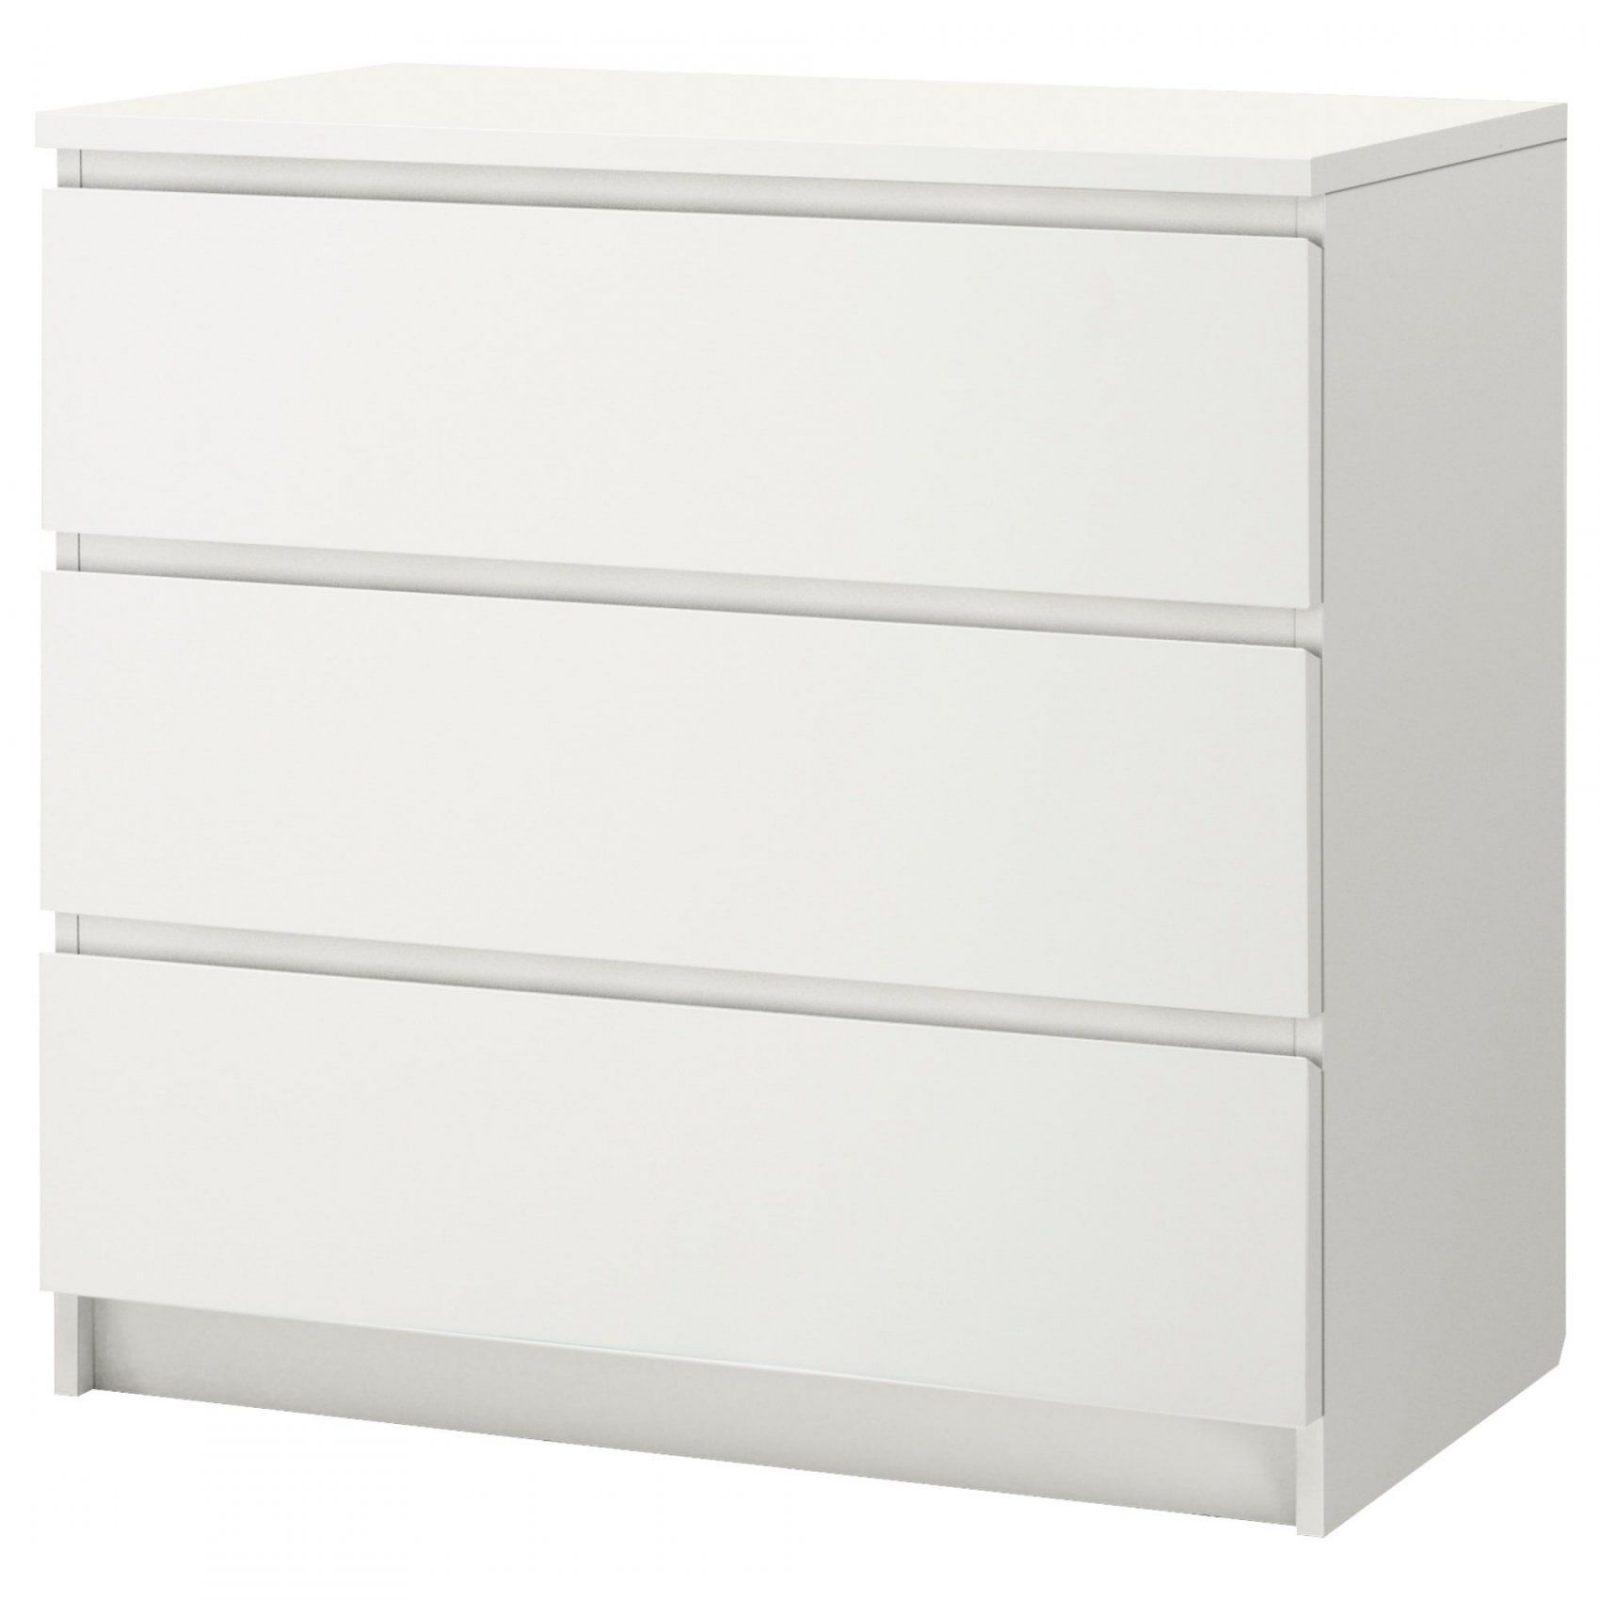 Malm Kommode Mit 3 Schubladen  Weiß  Ikea von Malm Kommode Birke 3 Schubladen Bild